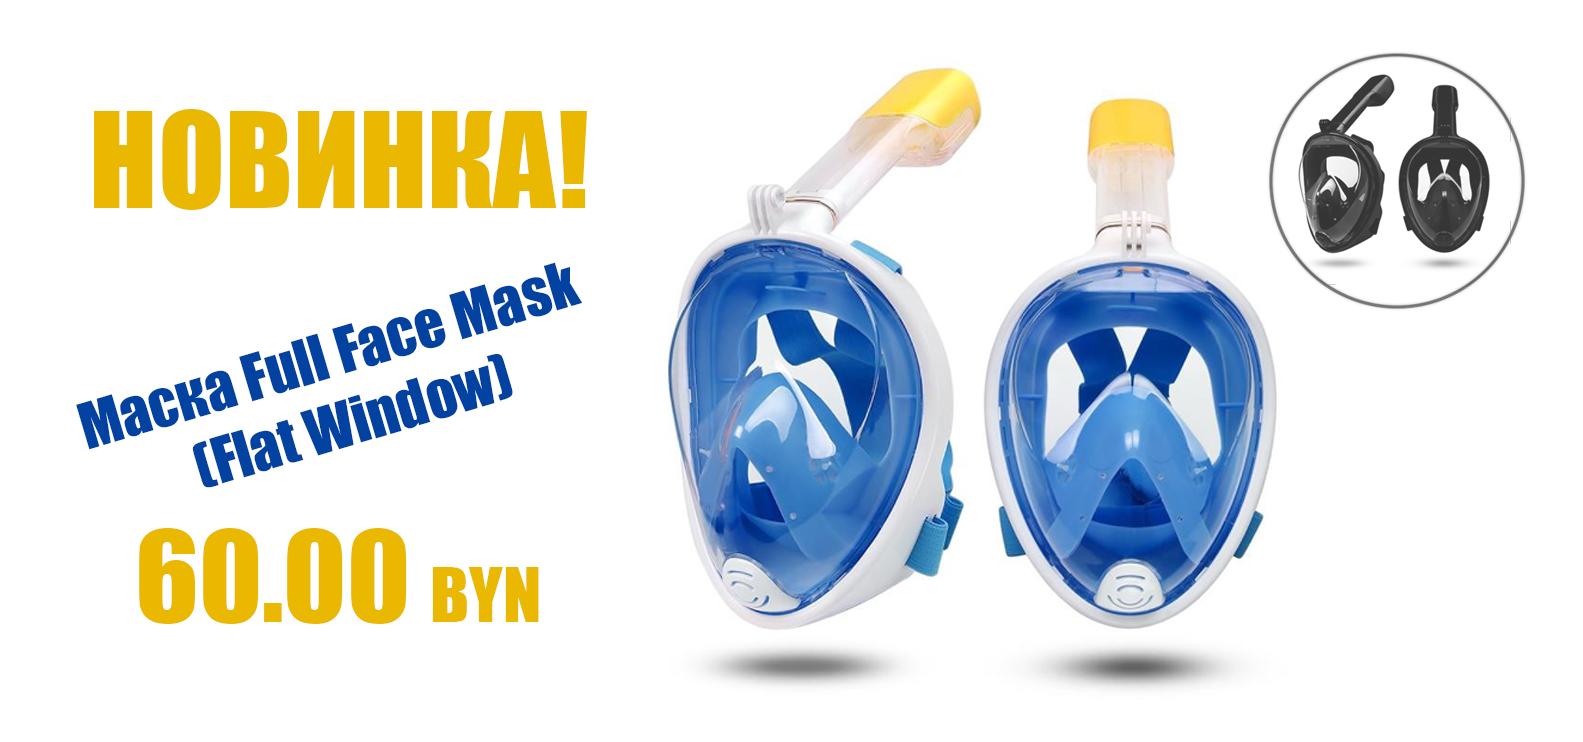 fullface_mask